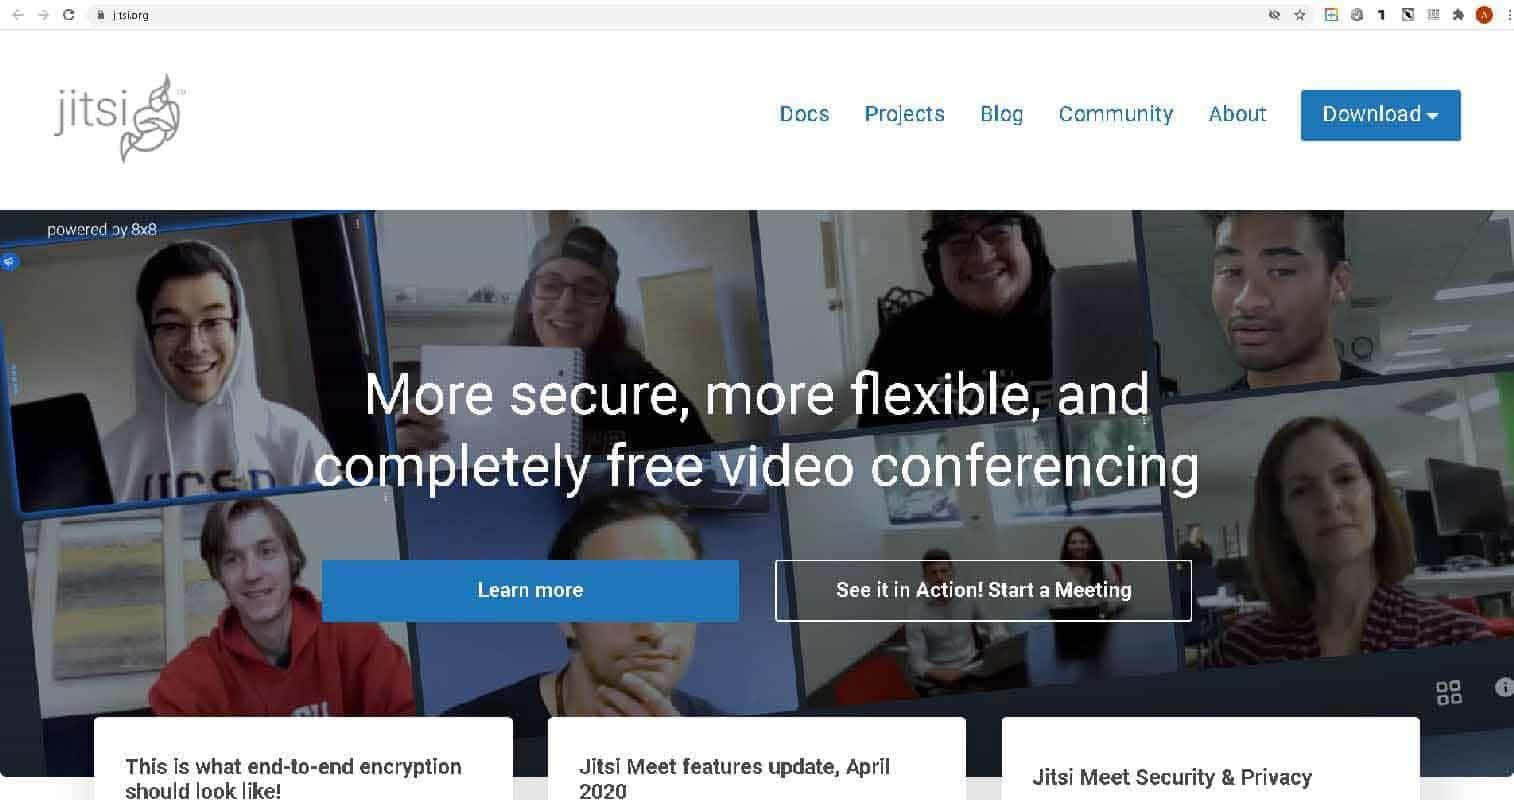 Jitsi - бесплатные видеоконференции через интернет